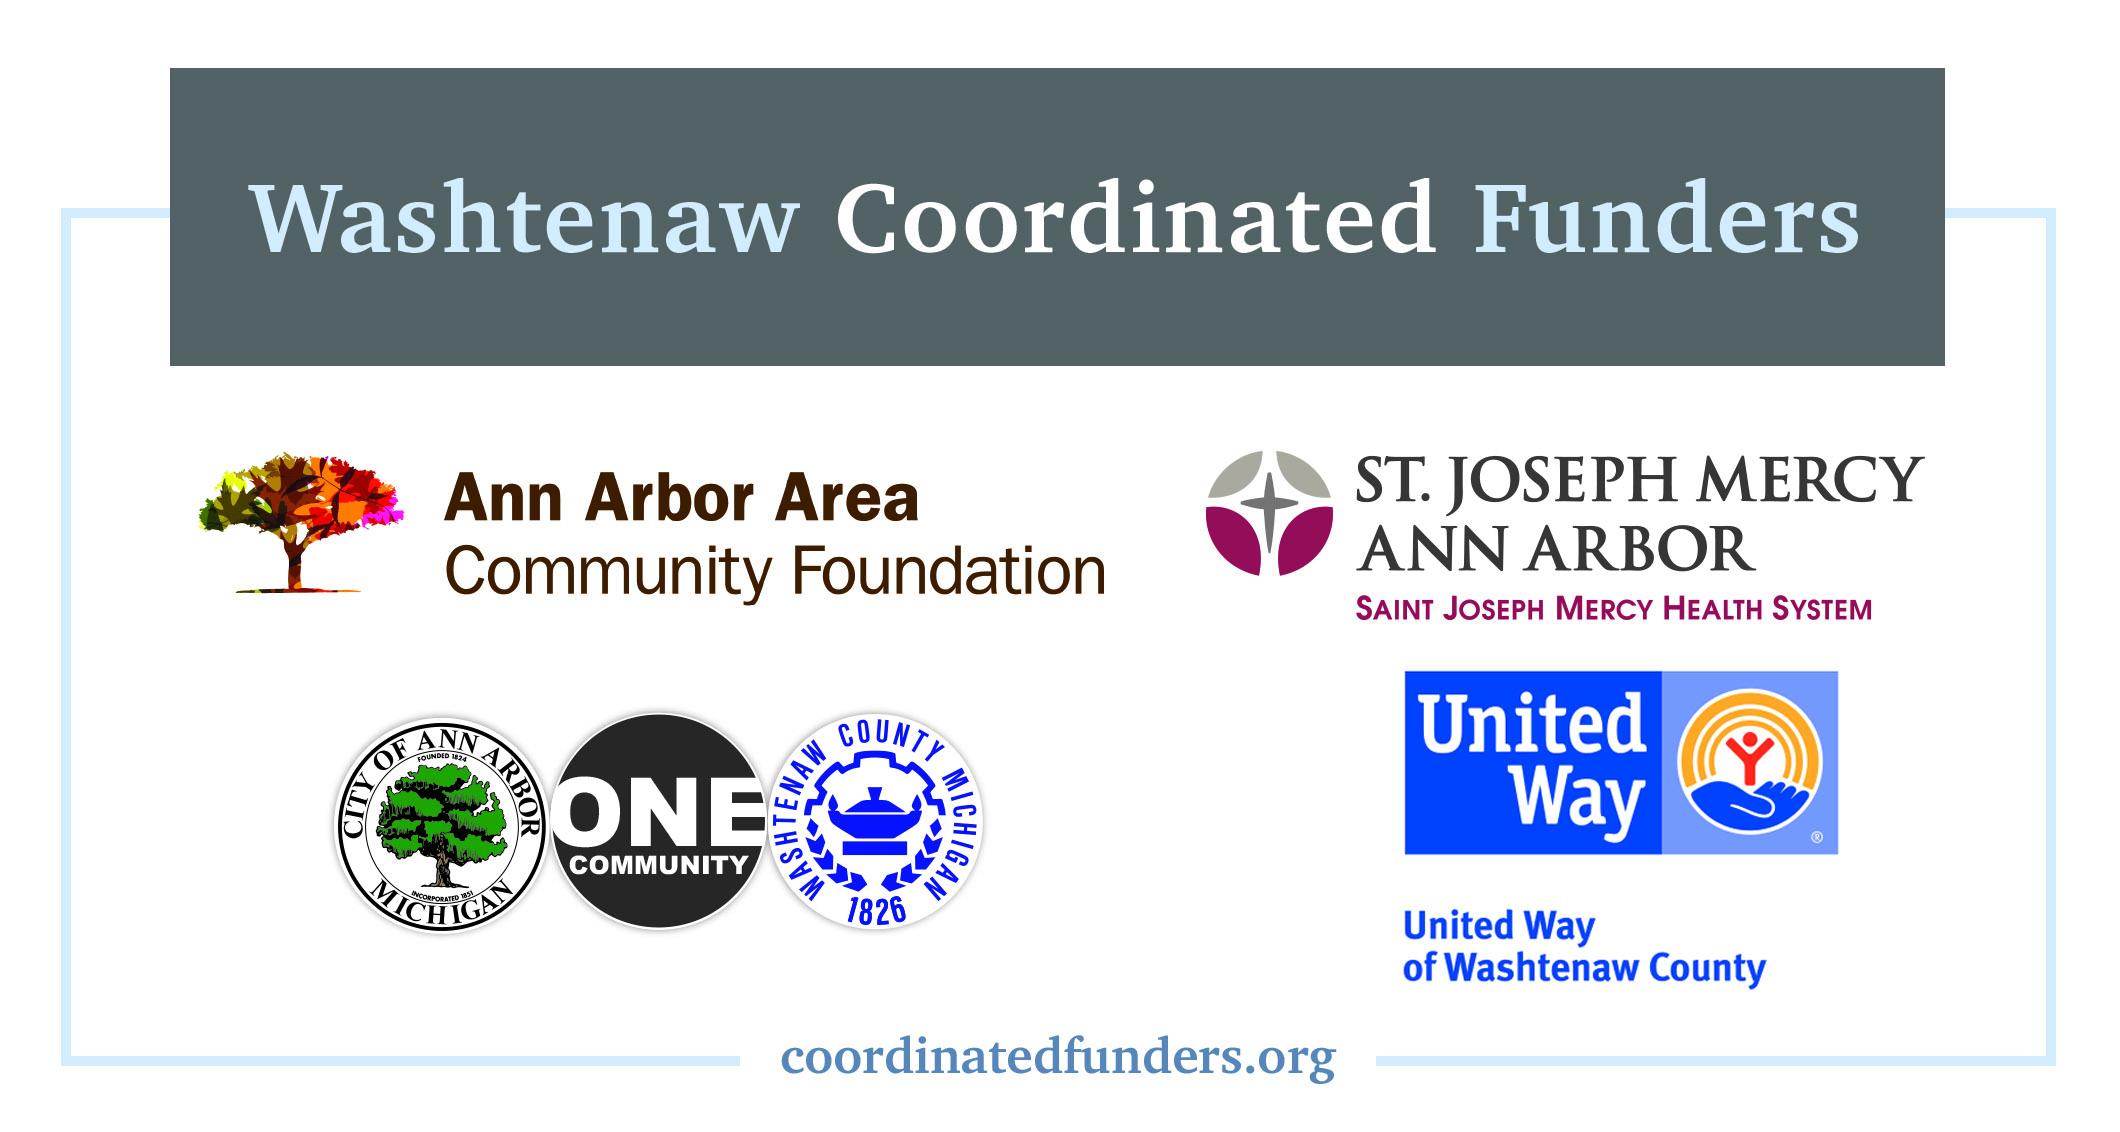 Ann Arbor Area Community Foundation